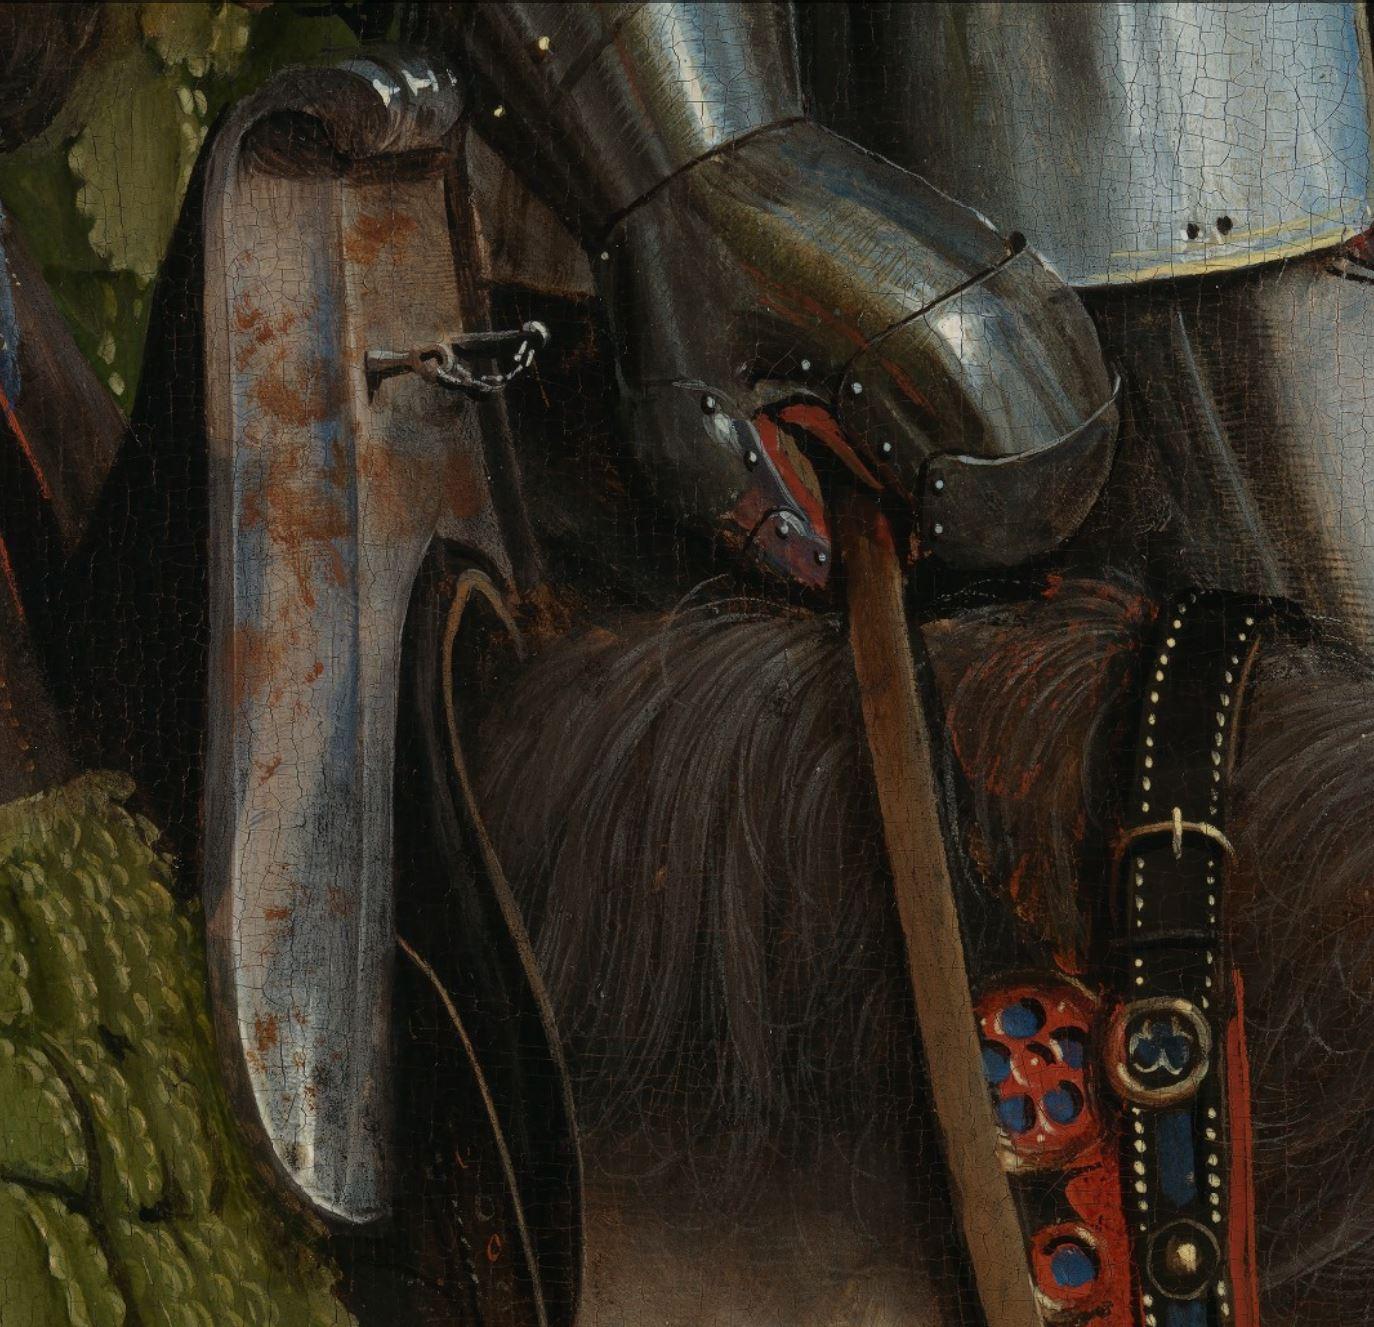 Van Eyck 1432 Les chevaliers du Christ retable de Gand detail arcon